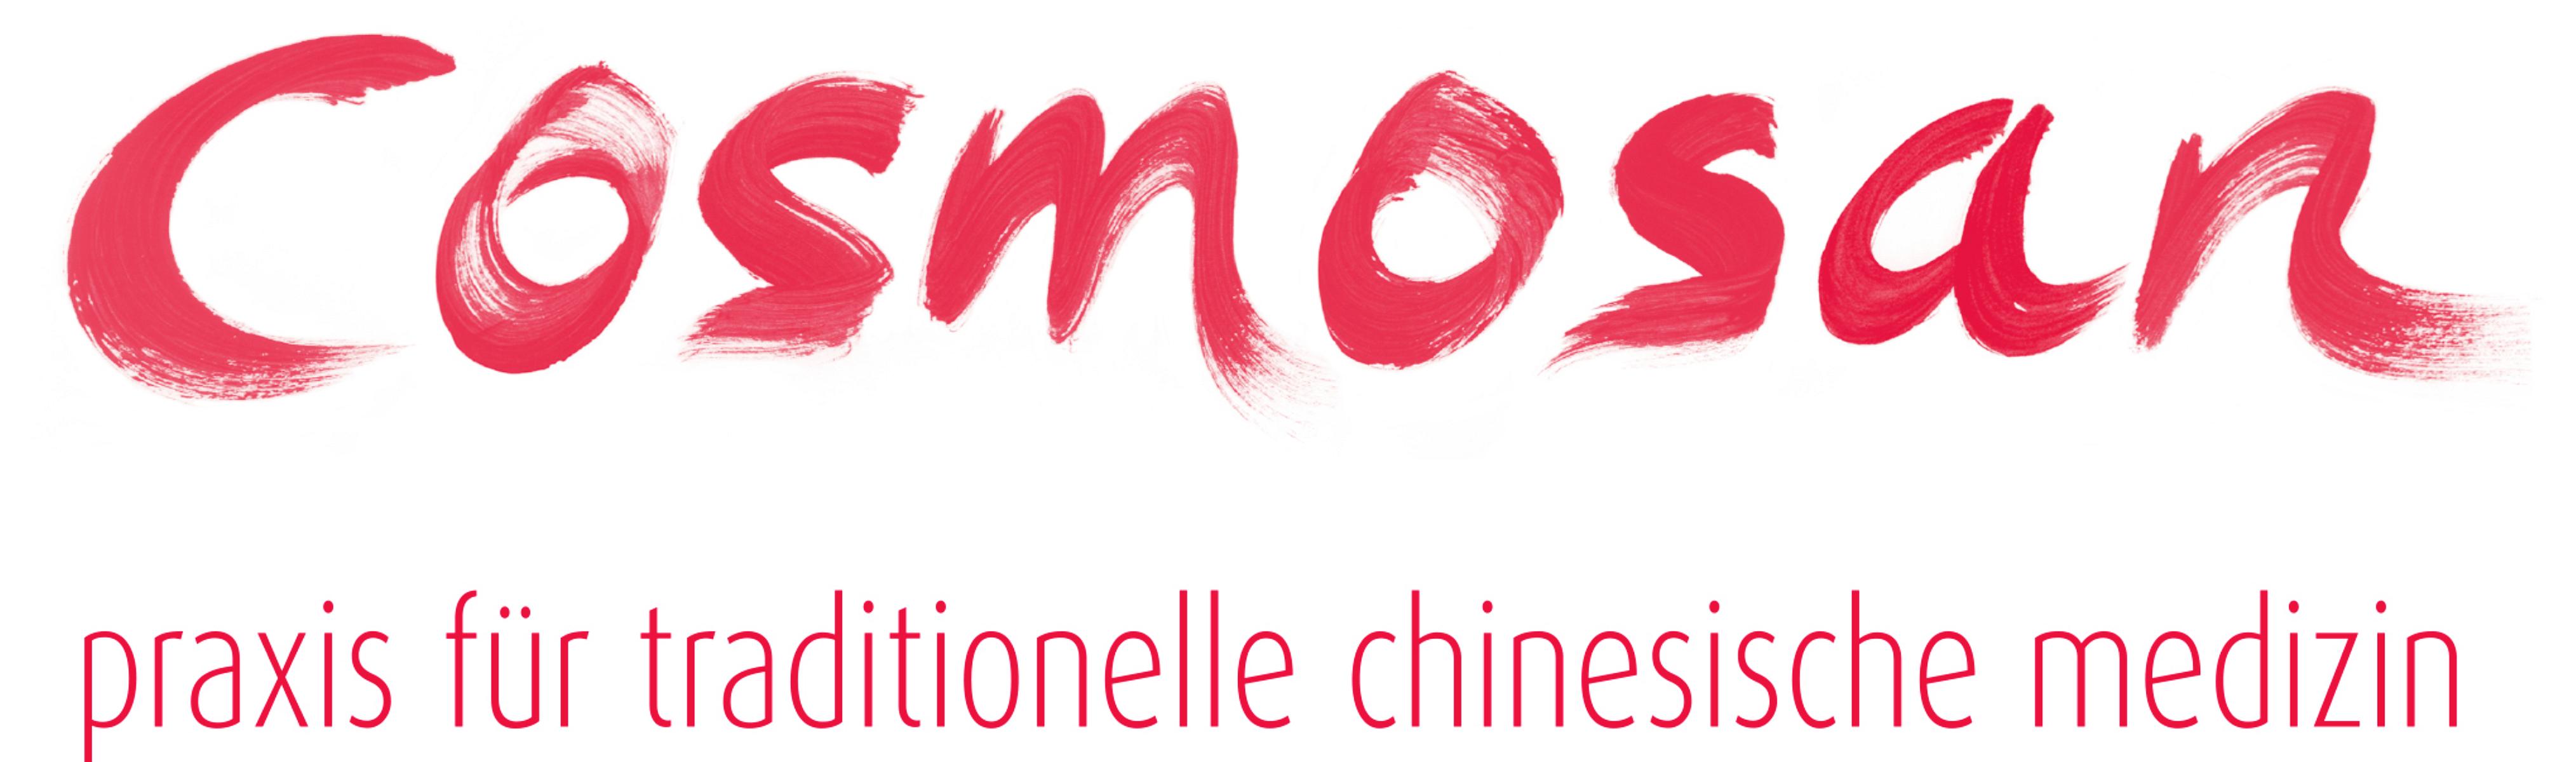 cosmosan praxis für traditionelle chinesische medizin